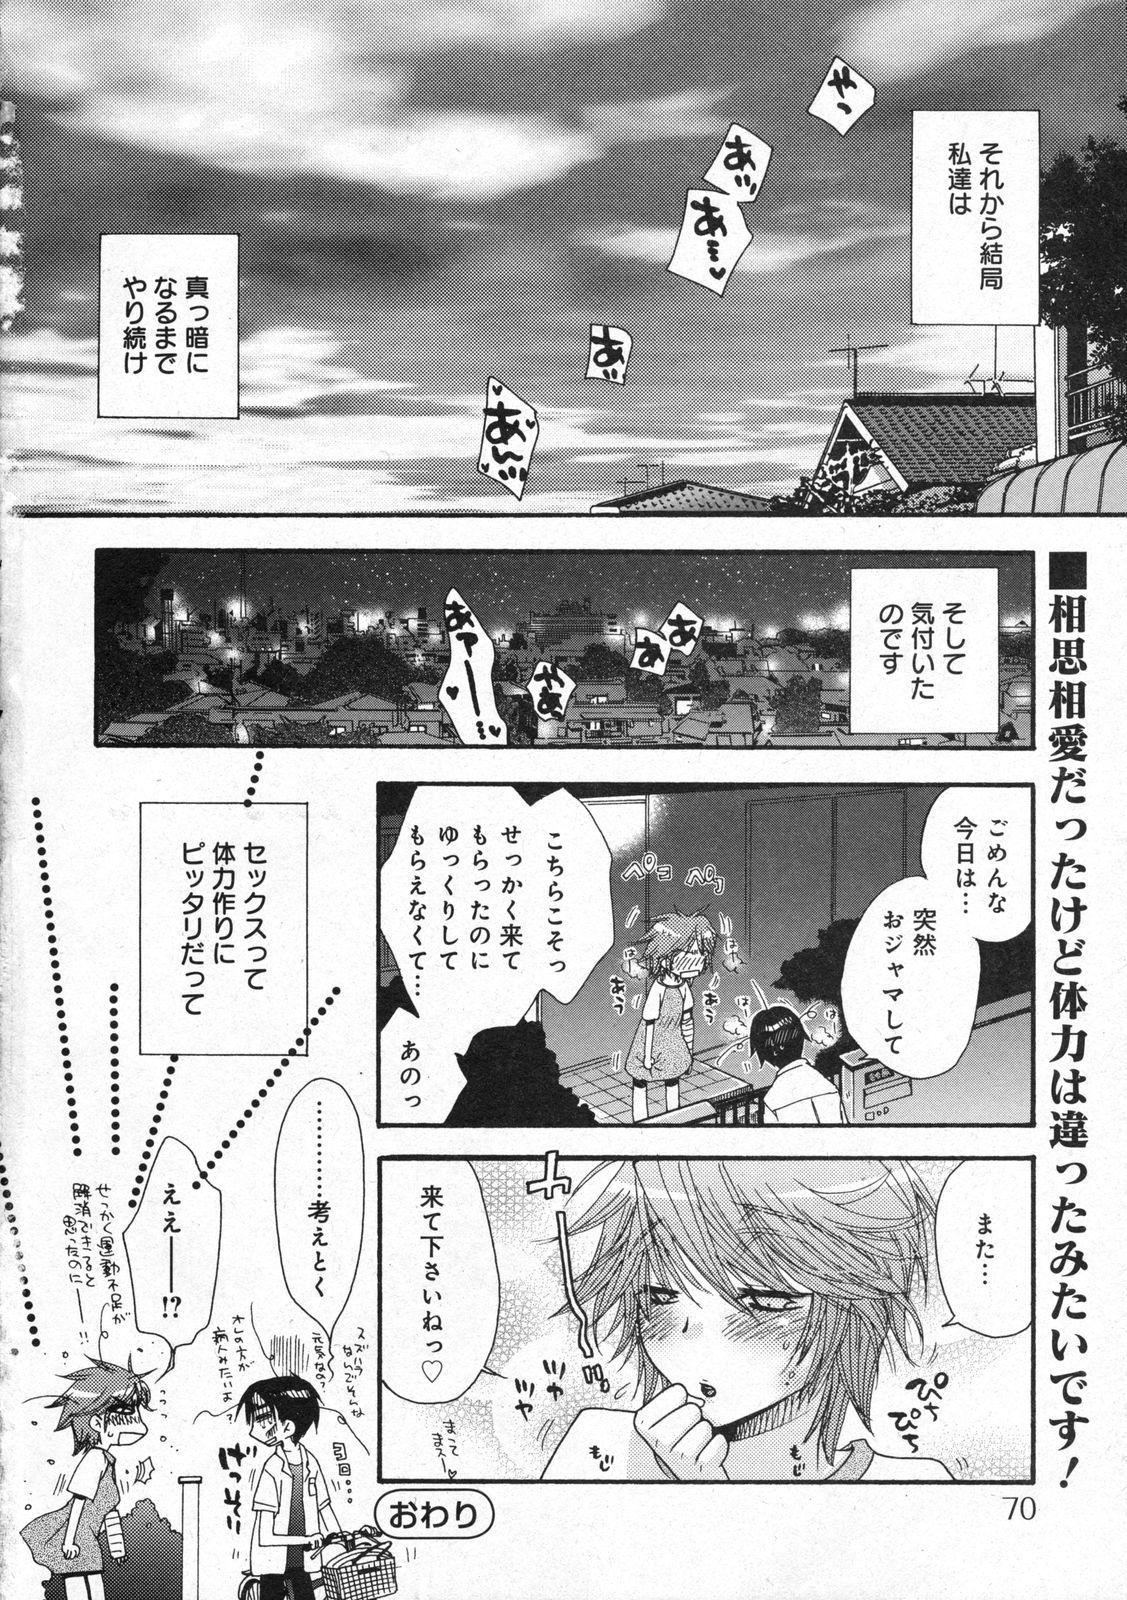 COMIC Moemax Jr. Vol.01 2009-08 67